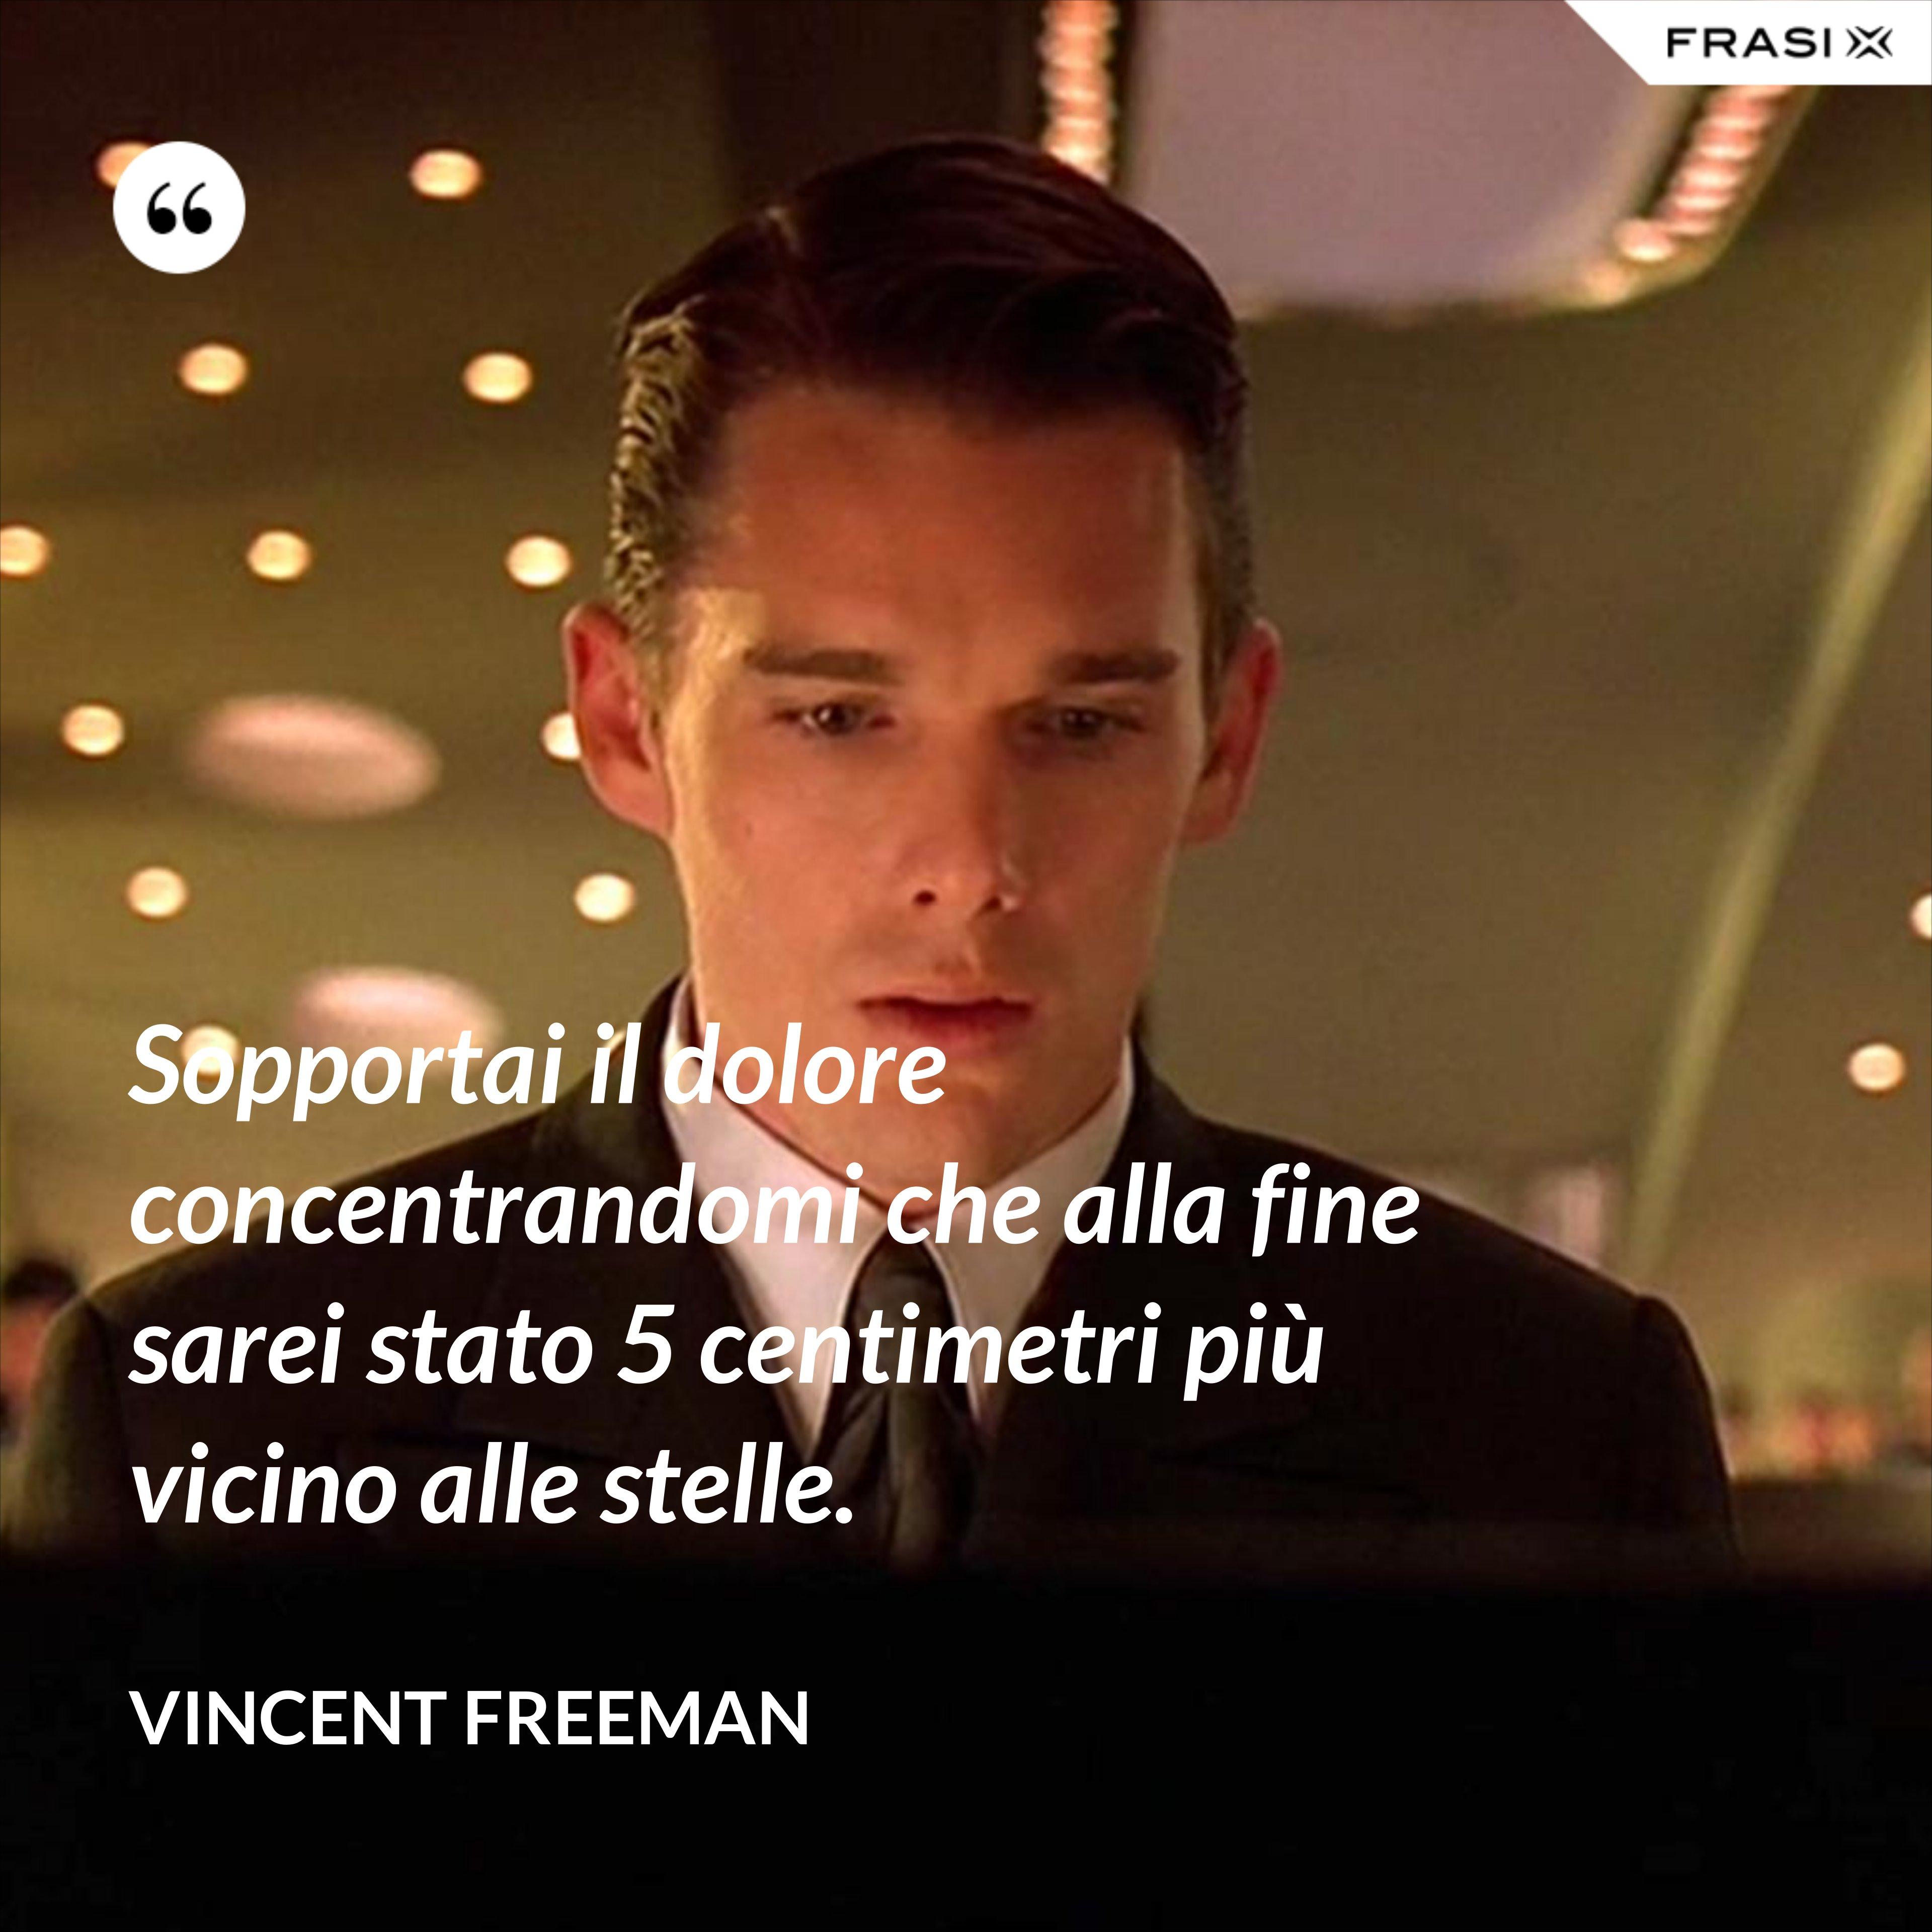 Sopportai il dolore concentrandomi che alla fine sarei stato 5 centimetri più vicino alle stelle. - Vincent Freeman